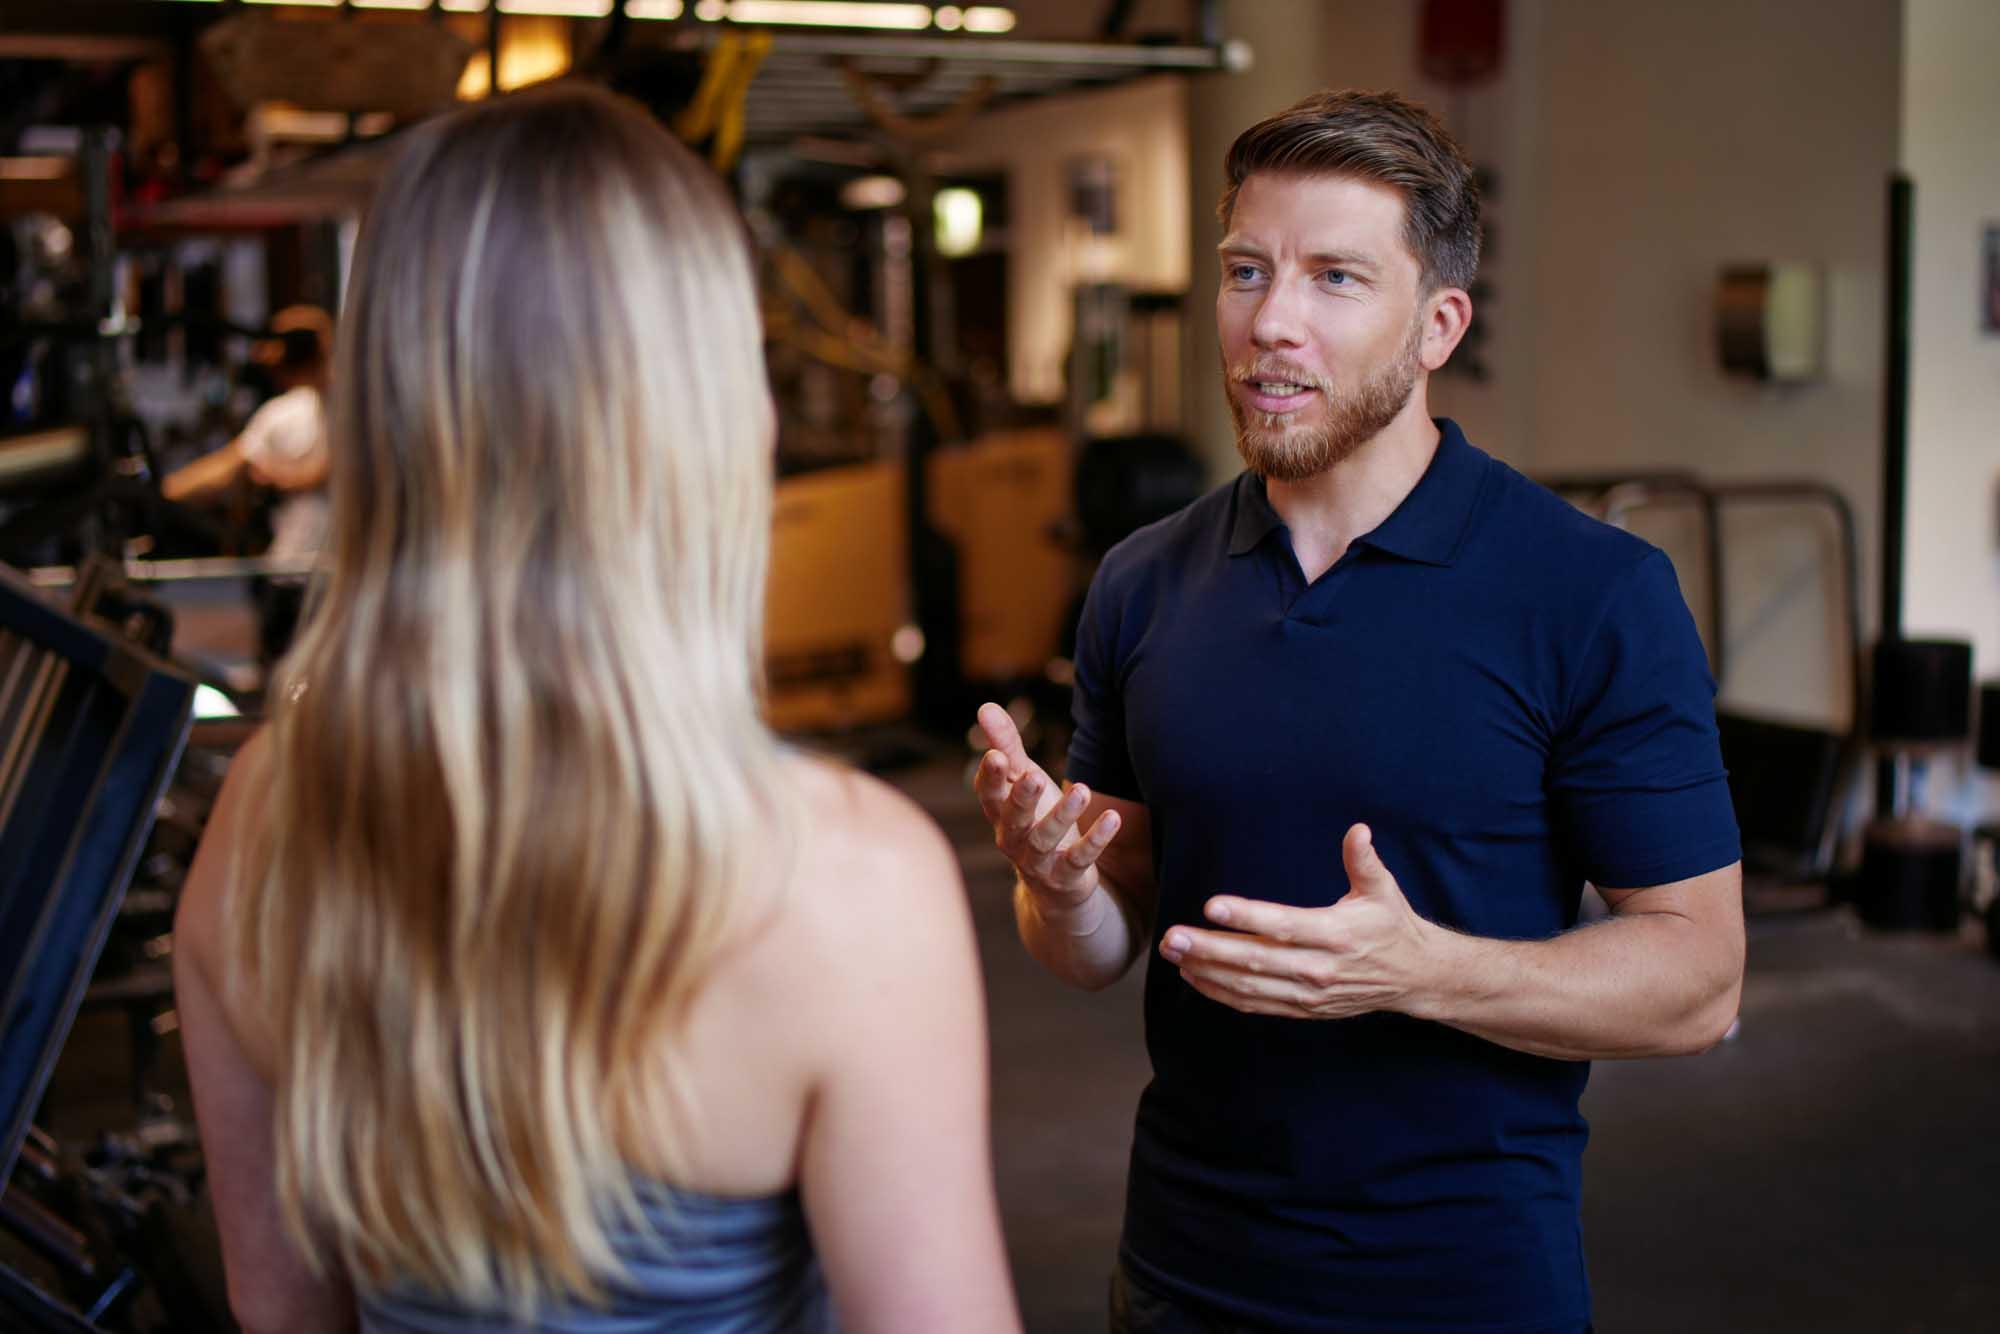 Personal Trainer und Sportwissenschaftler Martin Fiedler steht im Fitnessstudio einer Klientin gegenüber und berät sie.